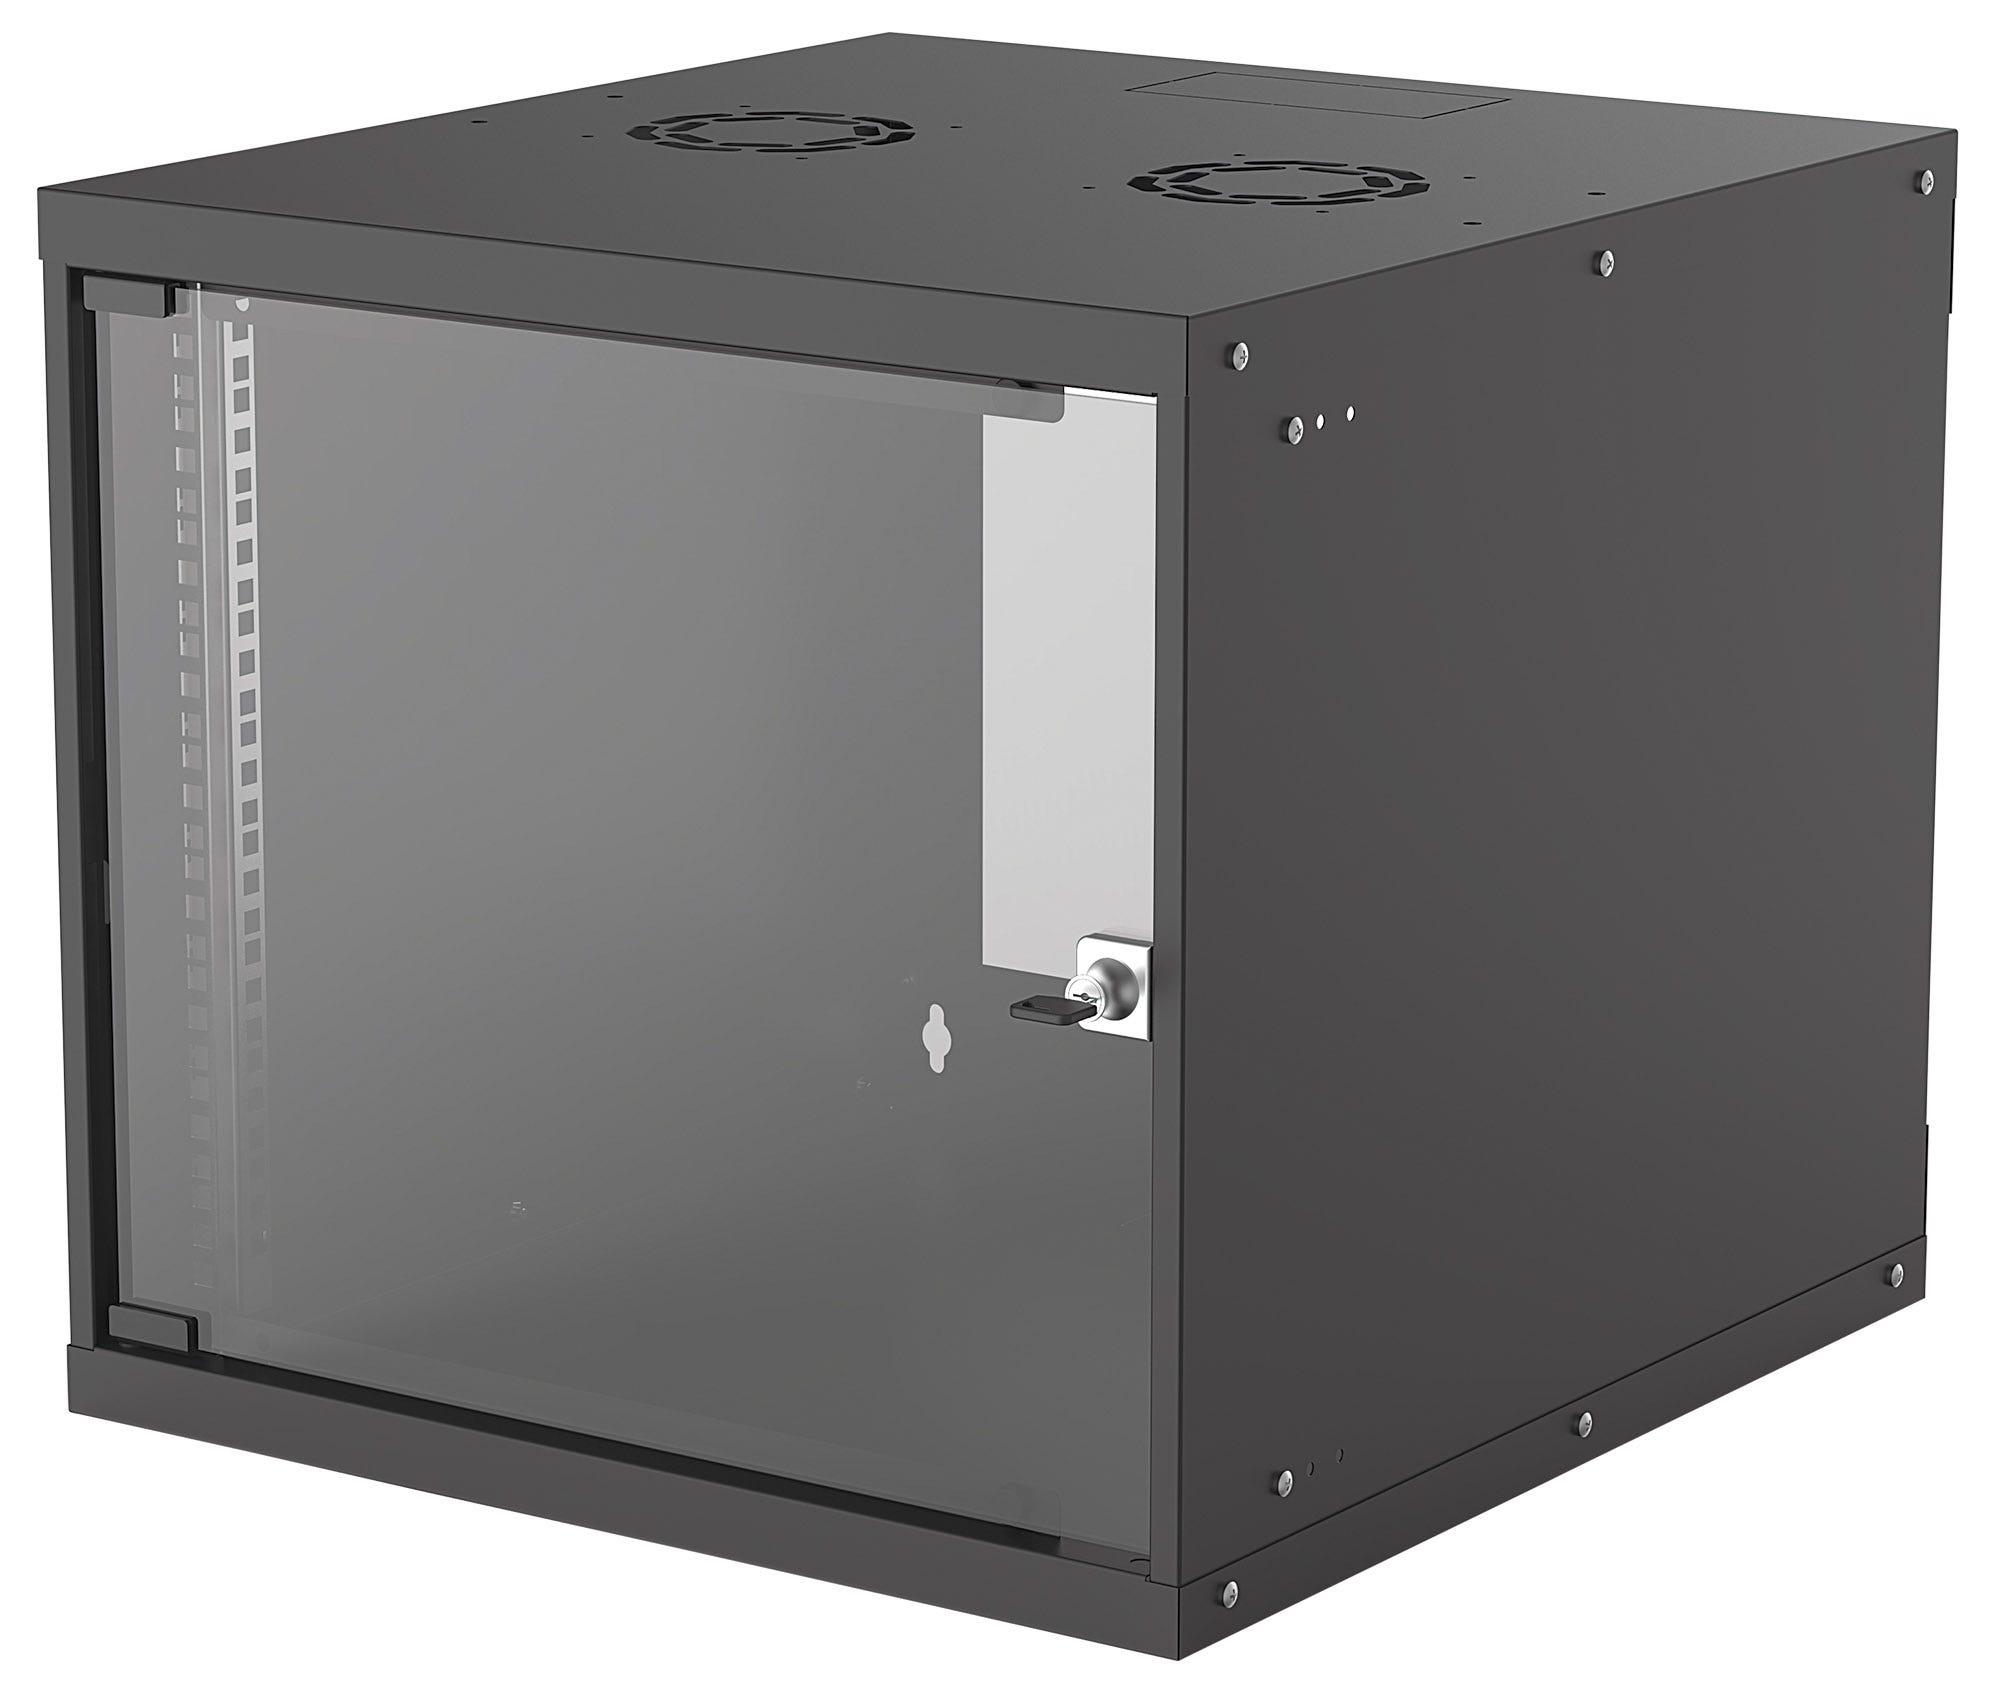 Intellinet 714808 - 9U - Wandmontiertes Regal - 50 kg - Schwarz - Galvanisiertes Stahl - Geschlossen